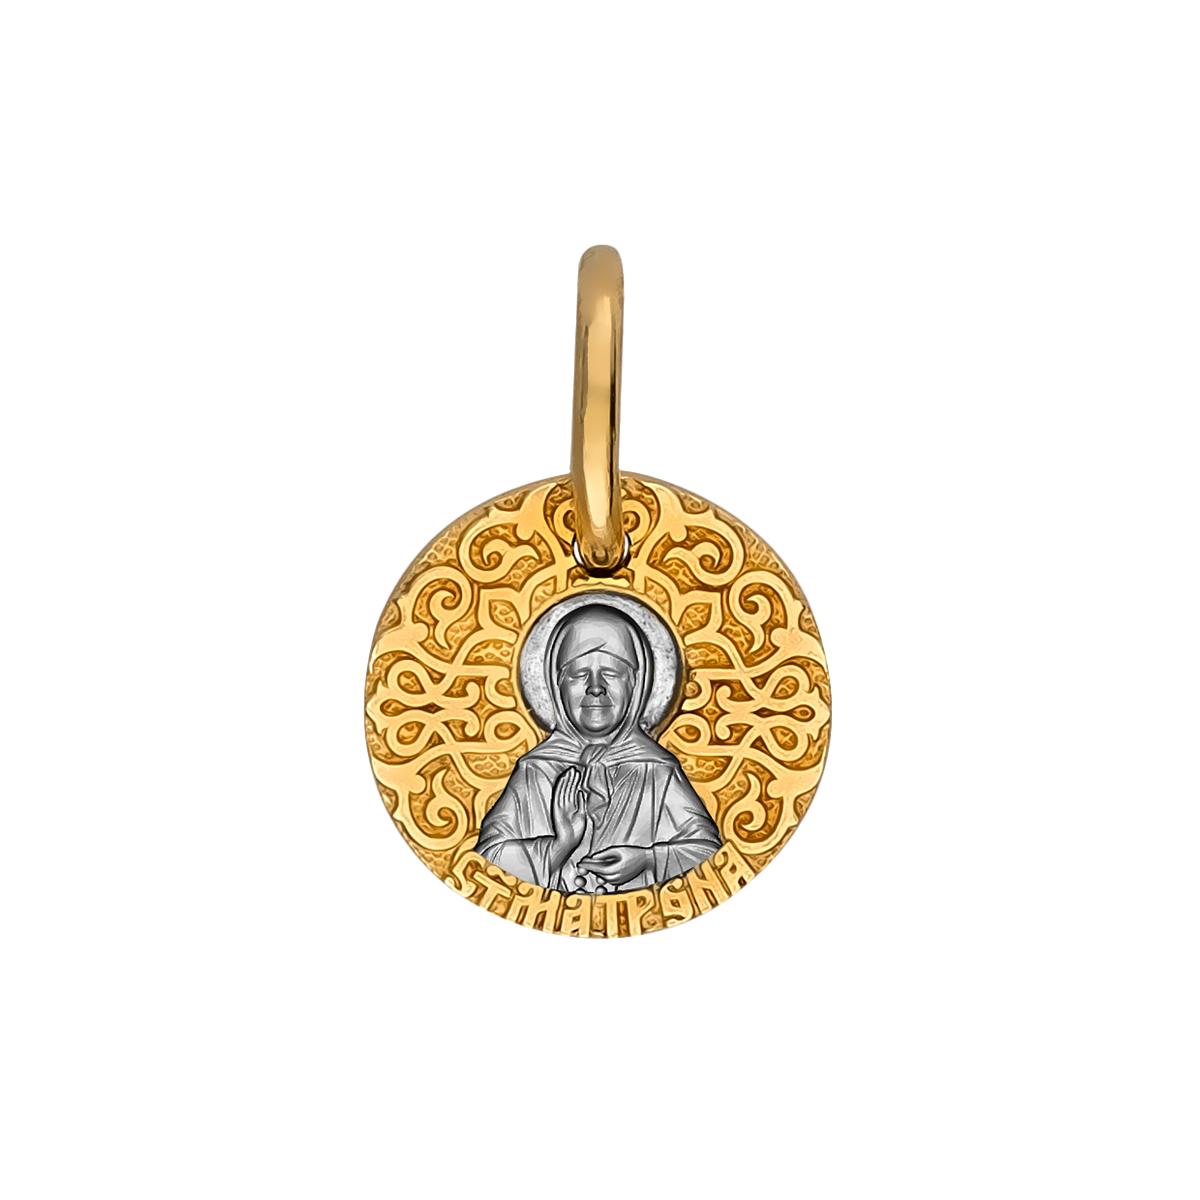 Образок «Святая Преподобная Матрона Московская» 02.118